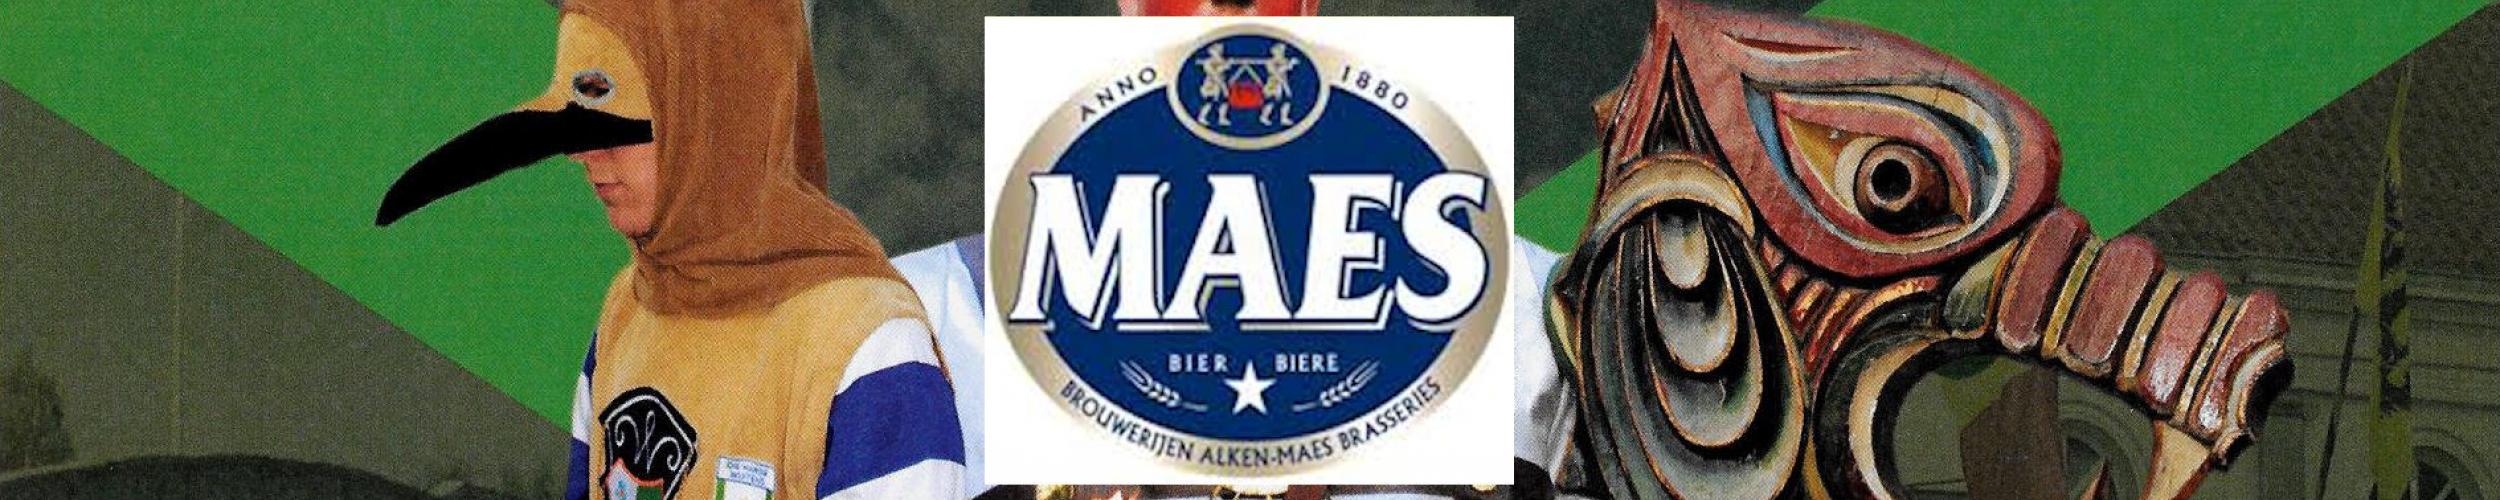 Brouwerij Maes